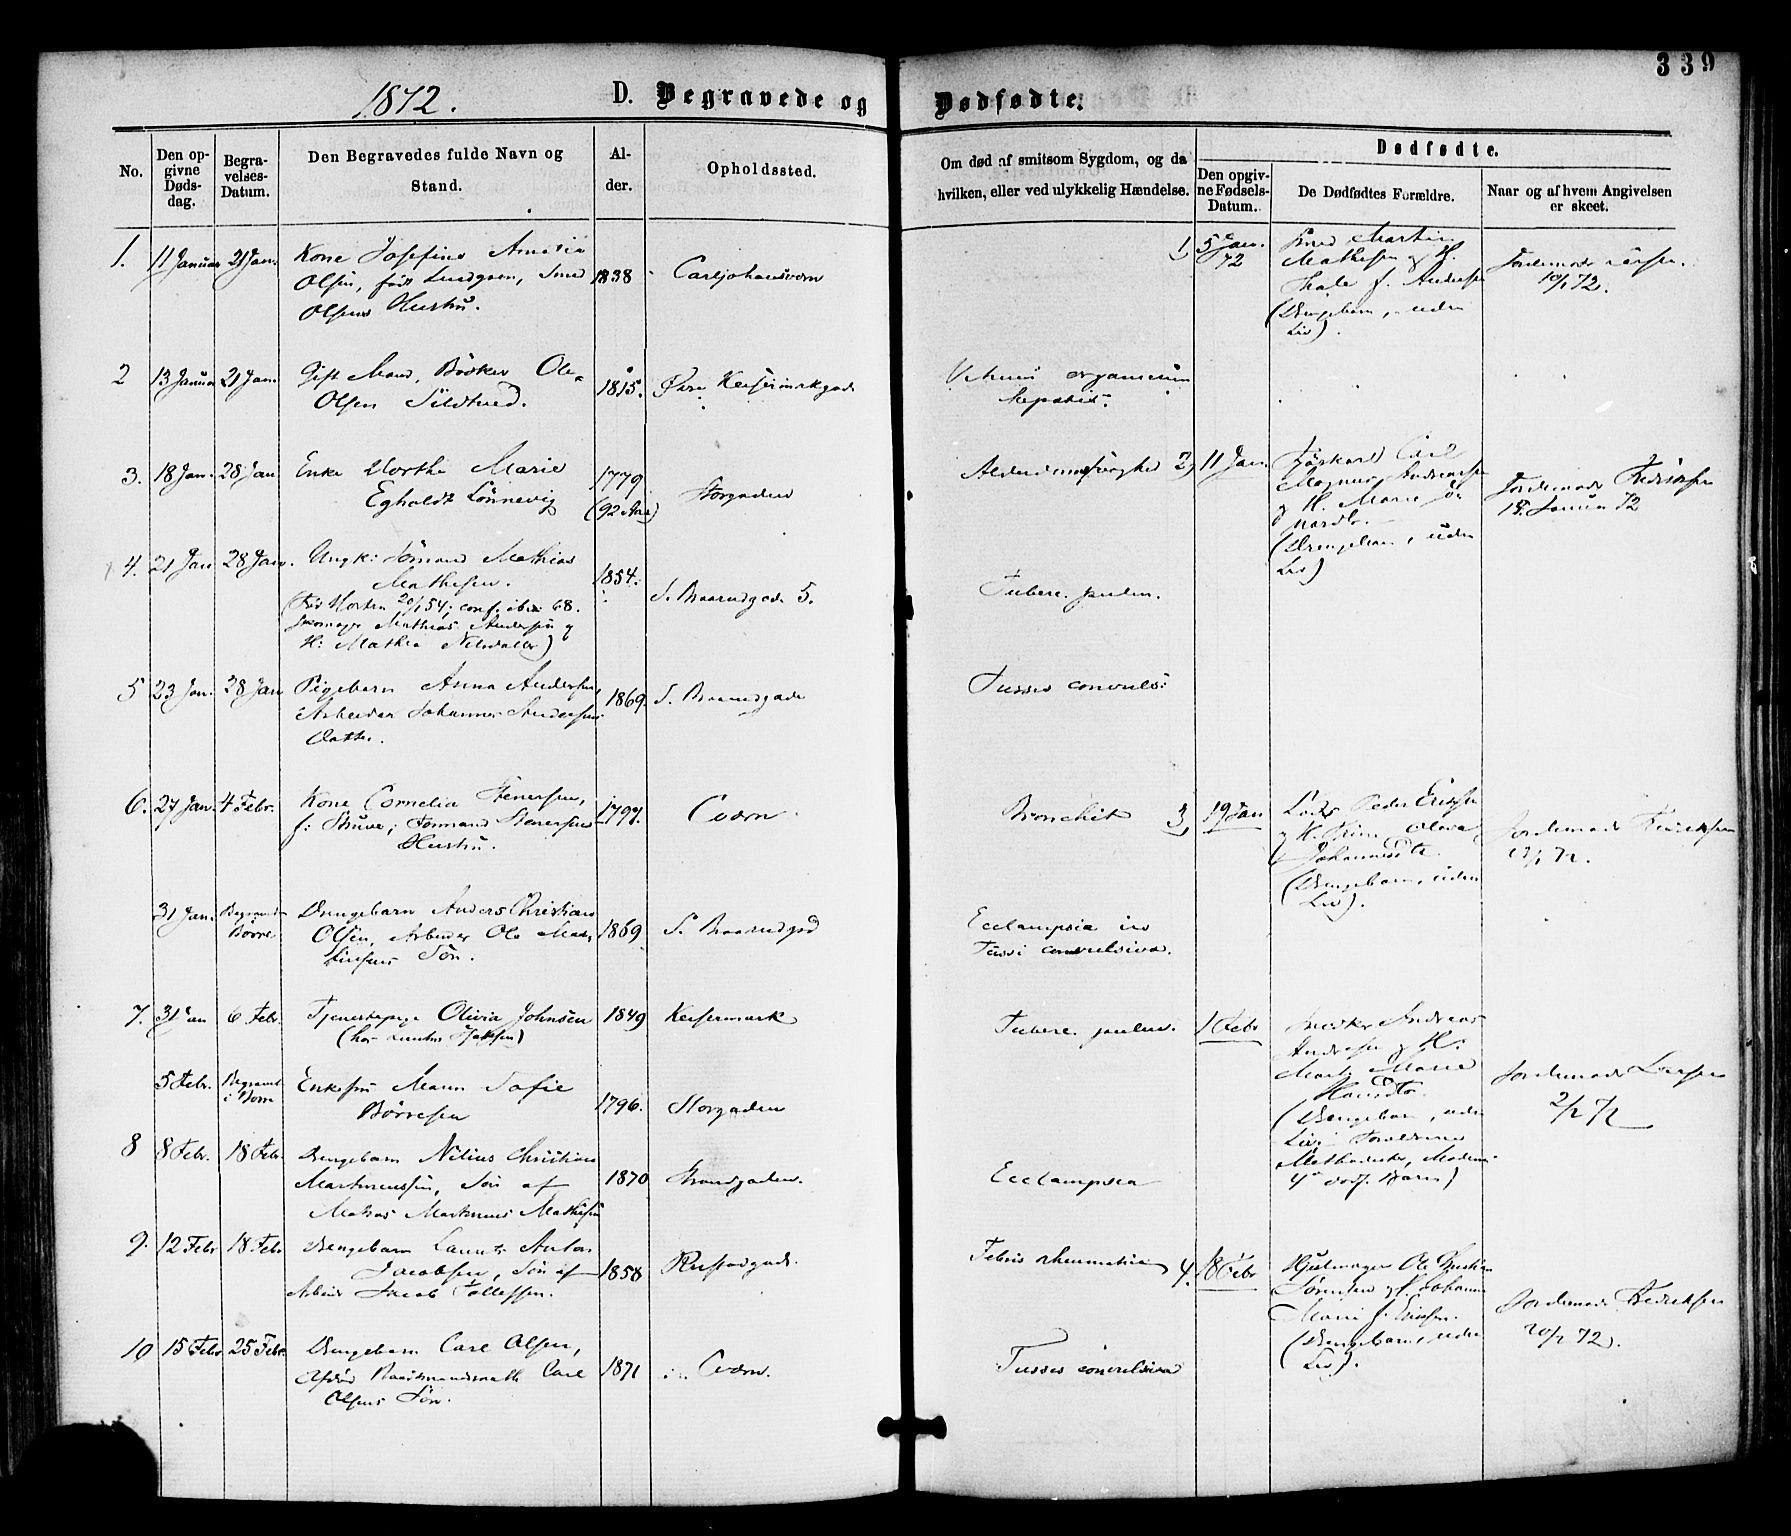 SAKO, Horten kirkebøker, F/Fa/L0002: Ministerialbok nr. 2, 1872-1877, s. 339